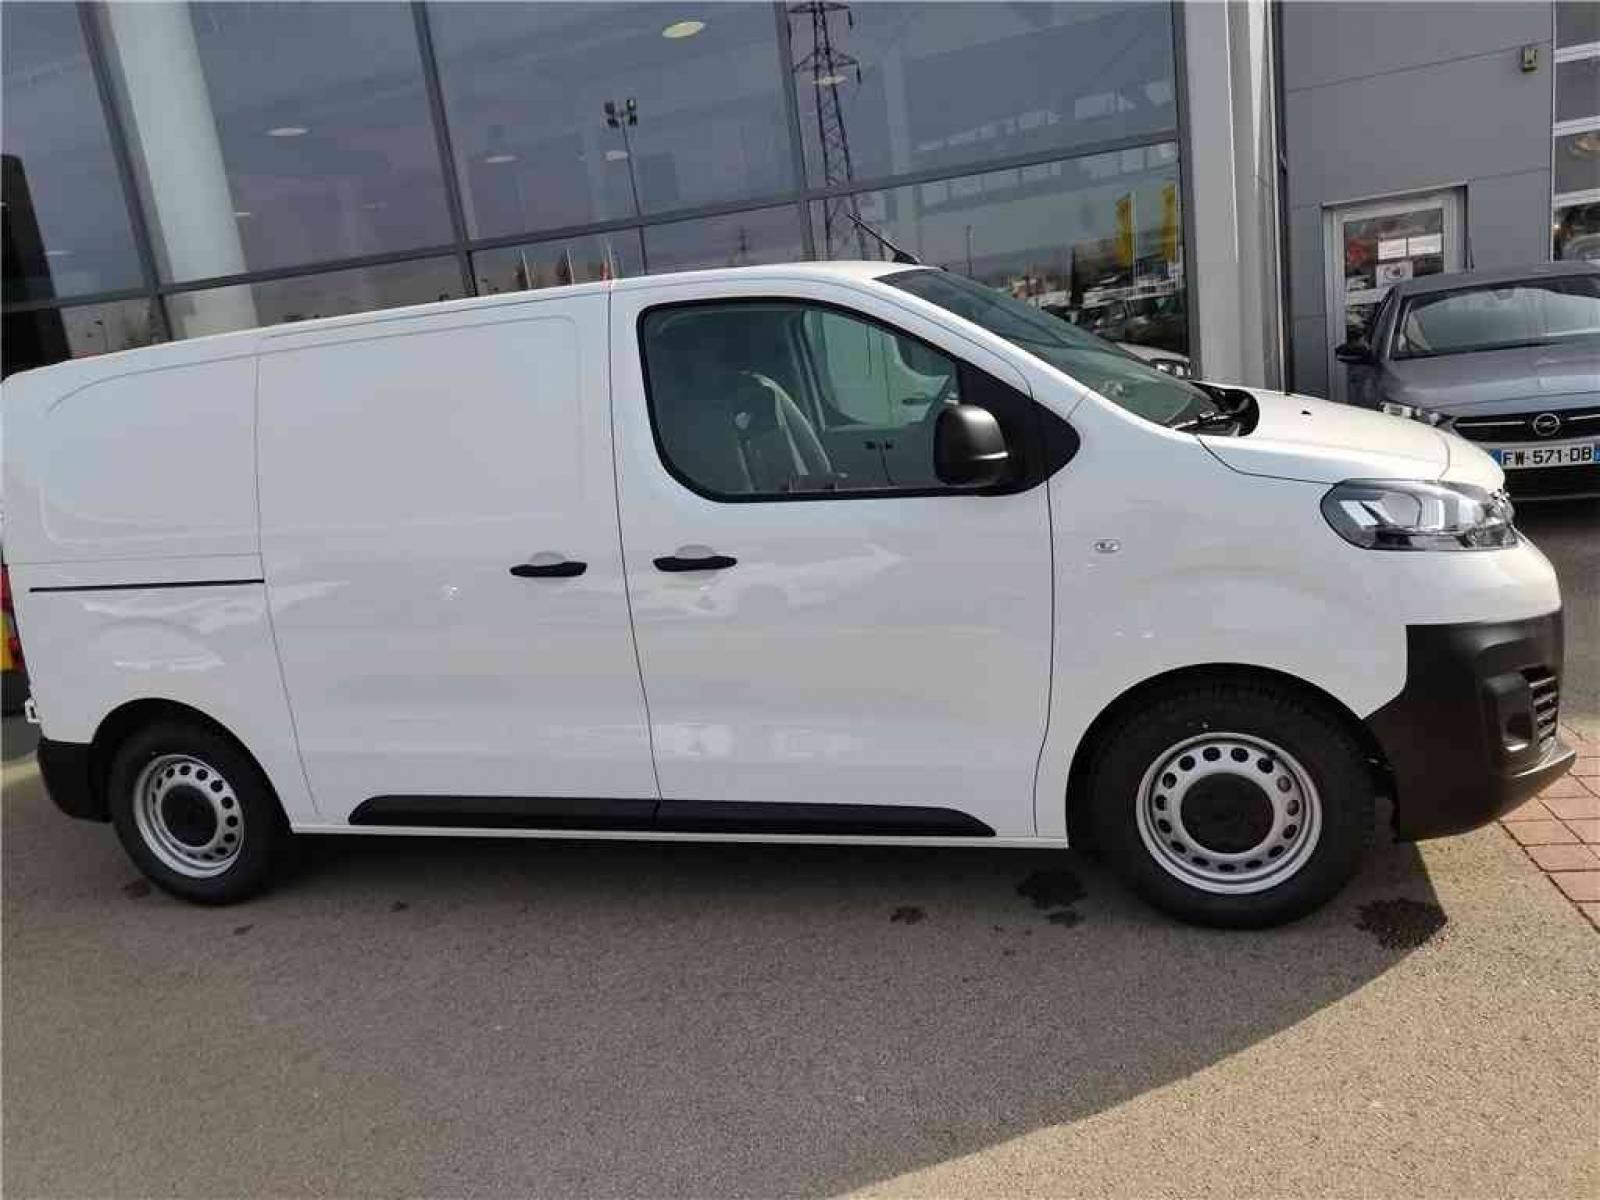 OPEL VIVARO FGN L2 1.5 DIESEL 120 CH - véhicule d'occasion - Groupe Guillet - Opel Magicauto - Chalon-sur-Saône - 71380 - Saint-Marcel - 5